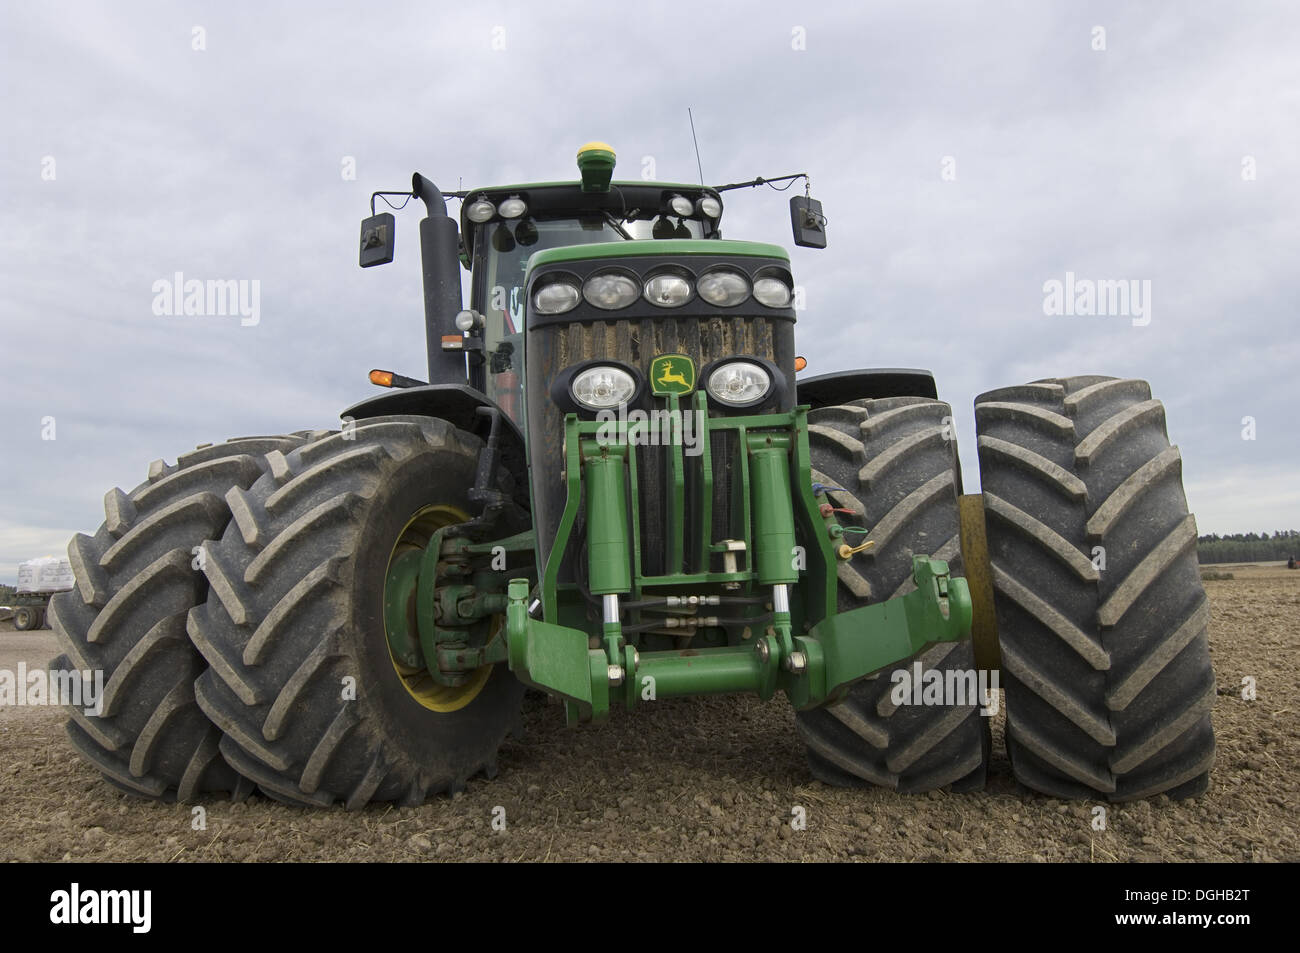 John Deere Dual Wheels : John deere tractor with dual wheels and tyres